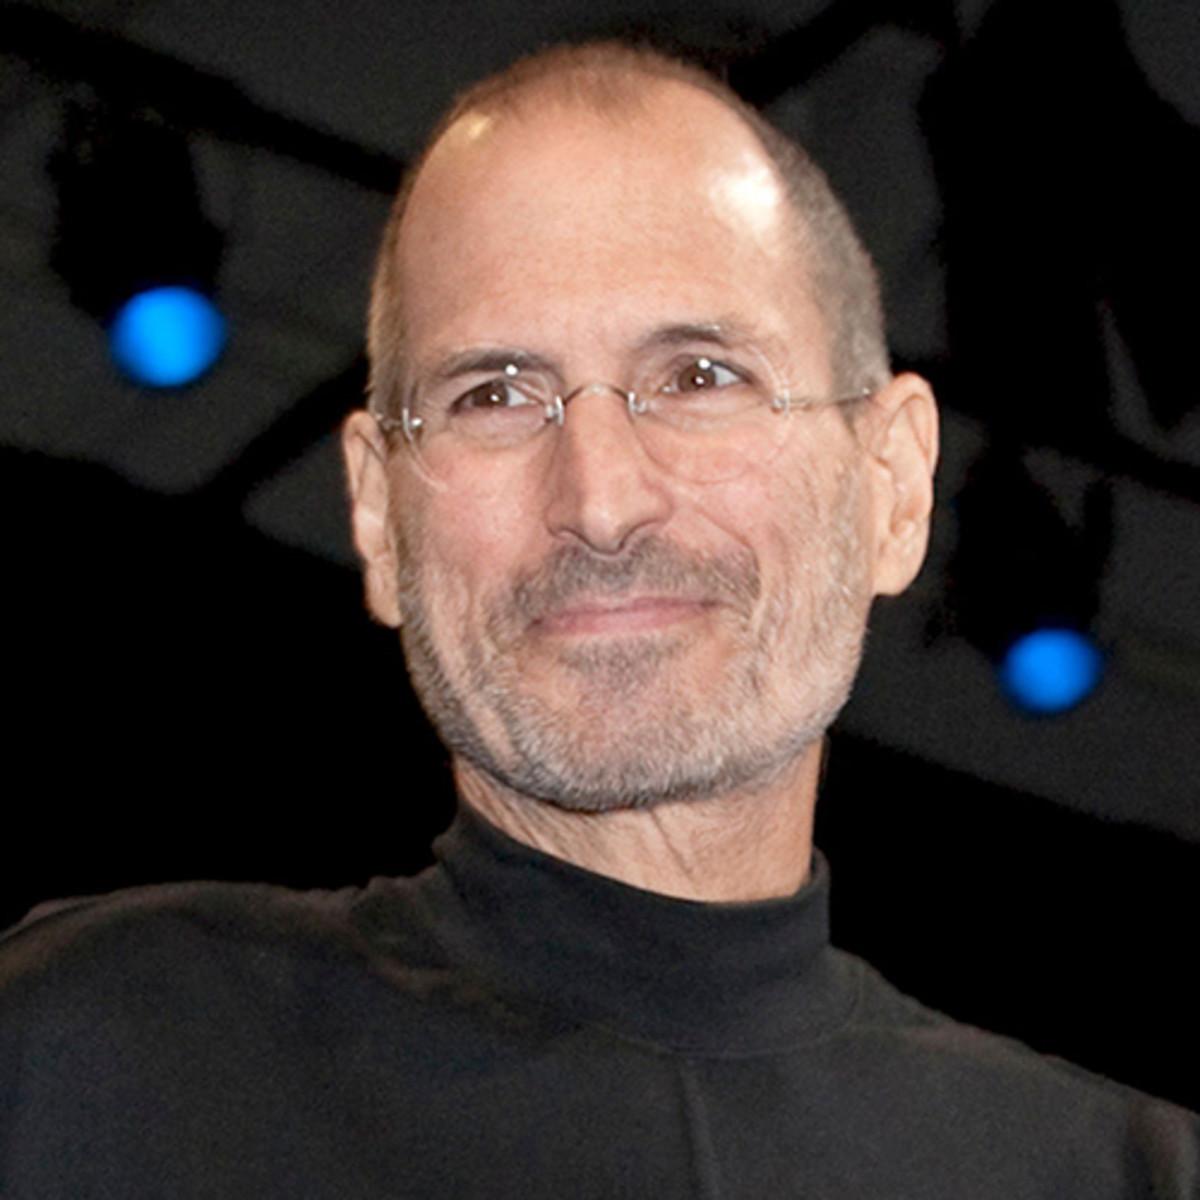 Maiores empreendedores de sucesso - Steve Jobs